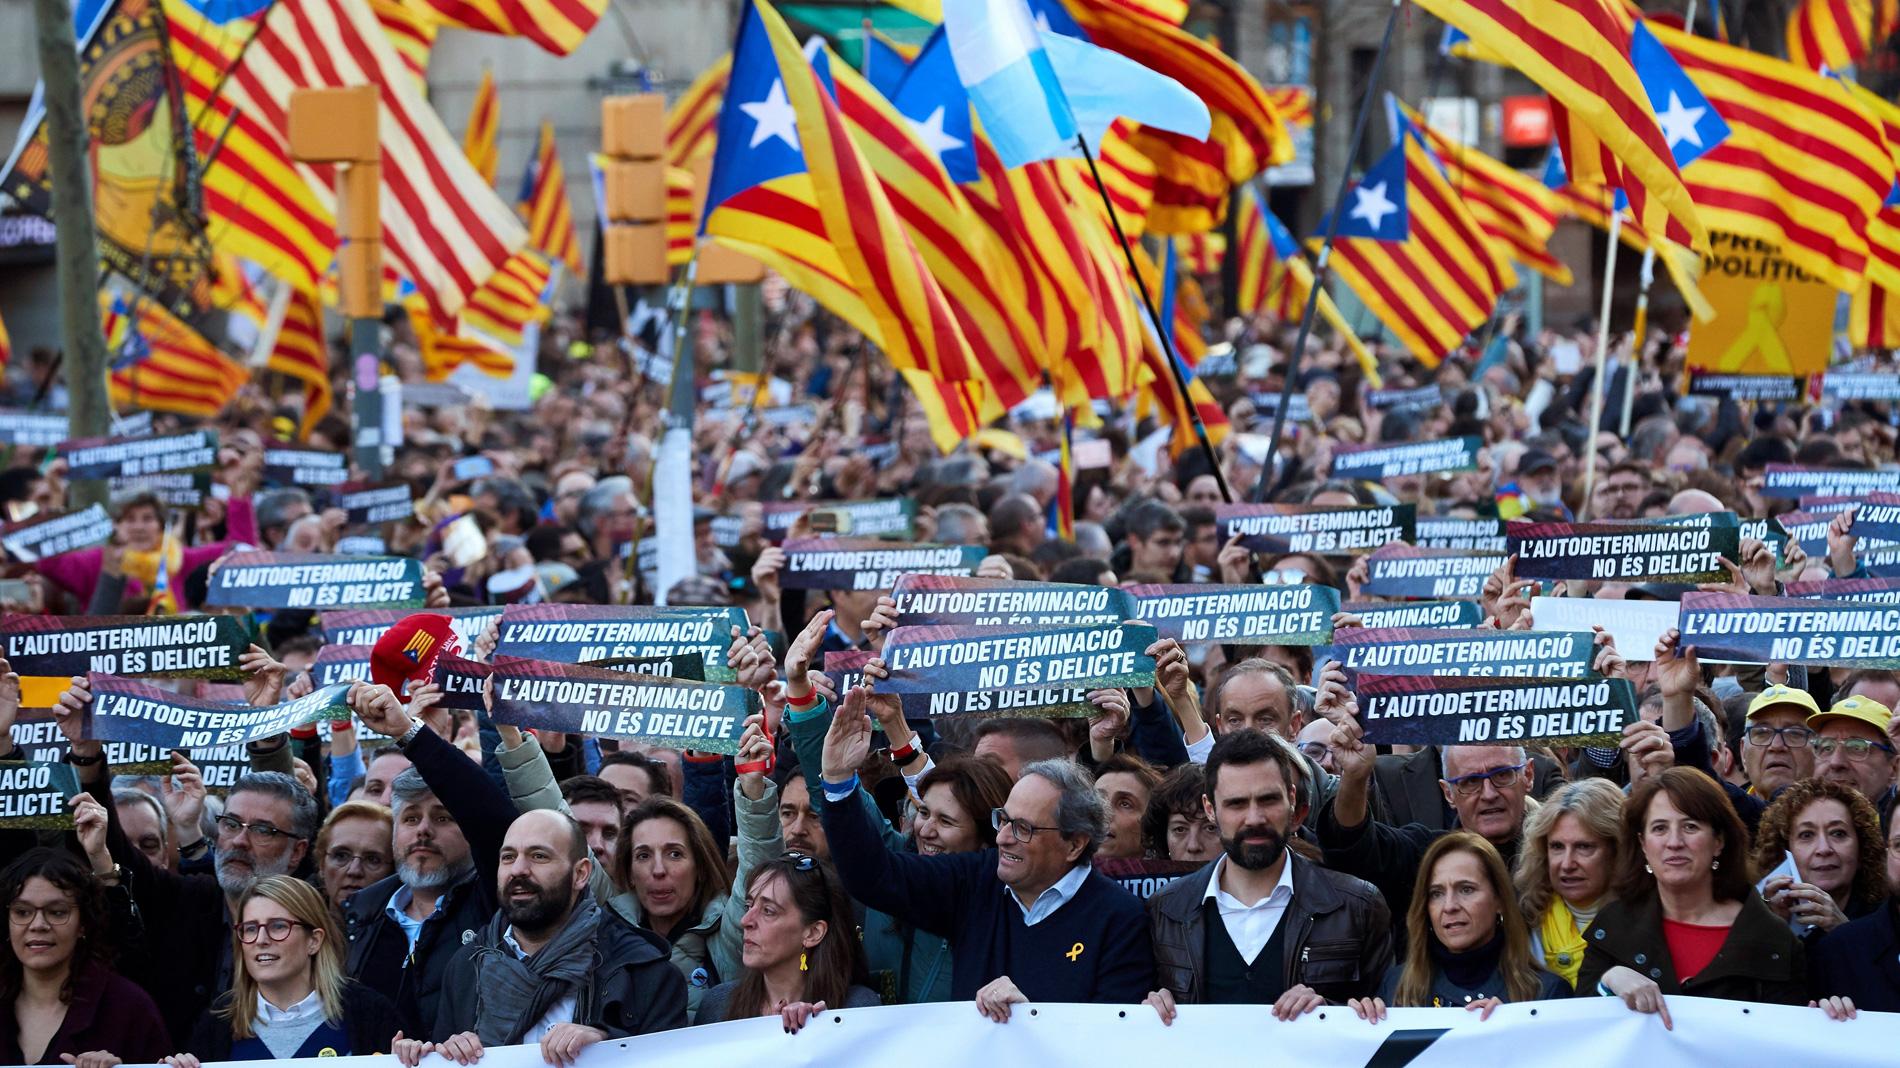 Miles de personas se manifiestan en Barcelona contra el juicio del 'procés'